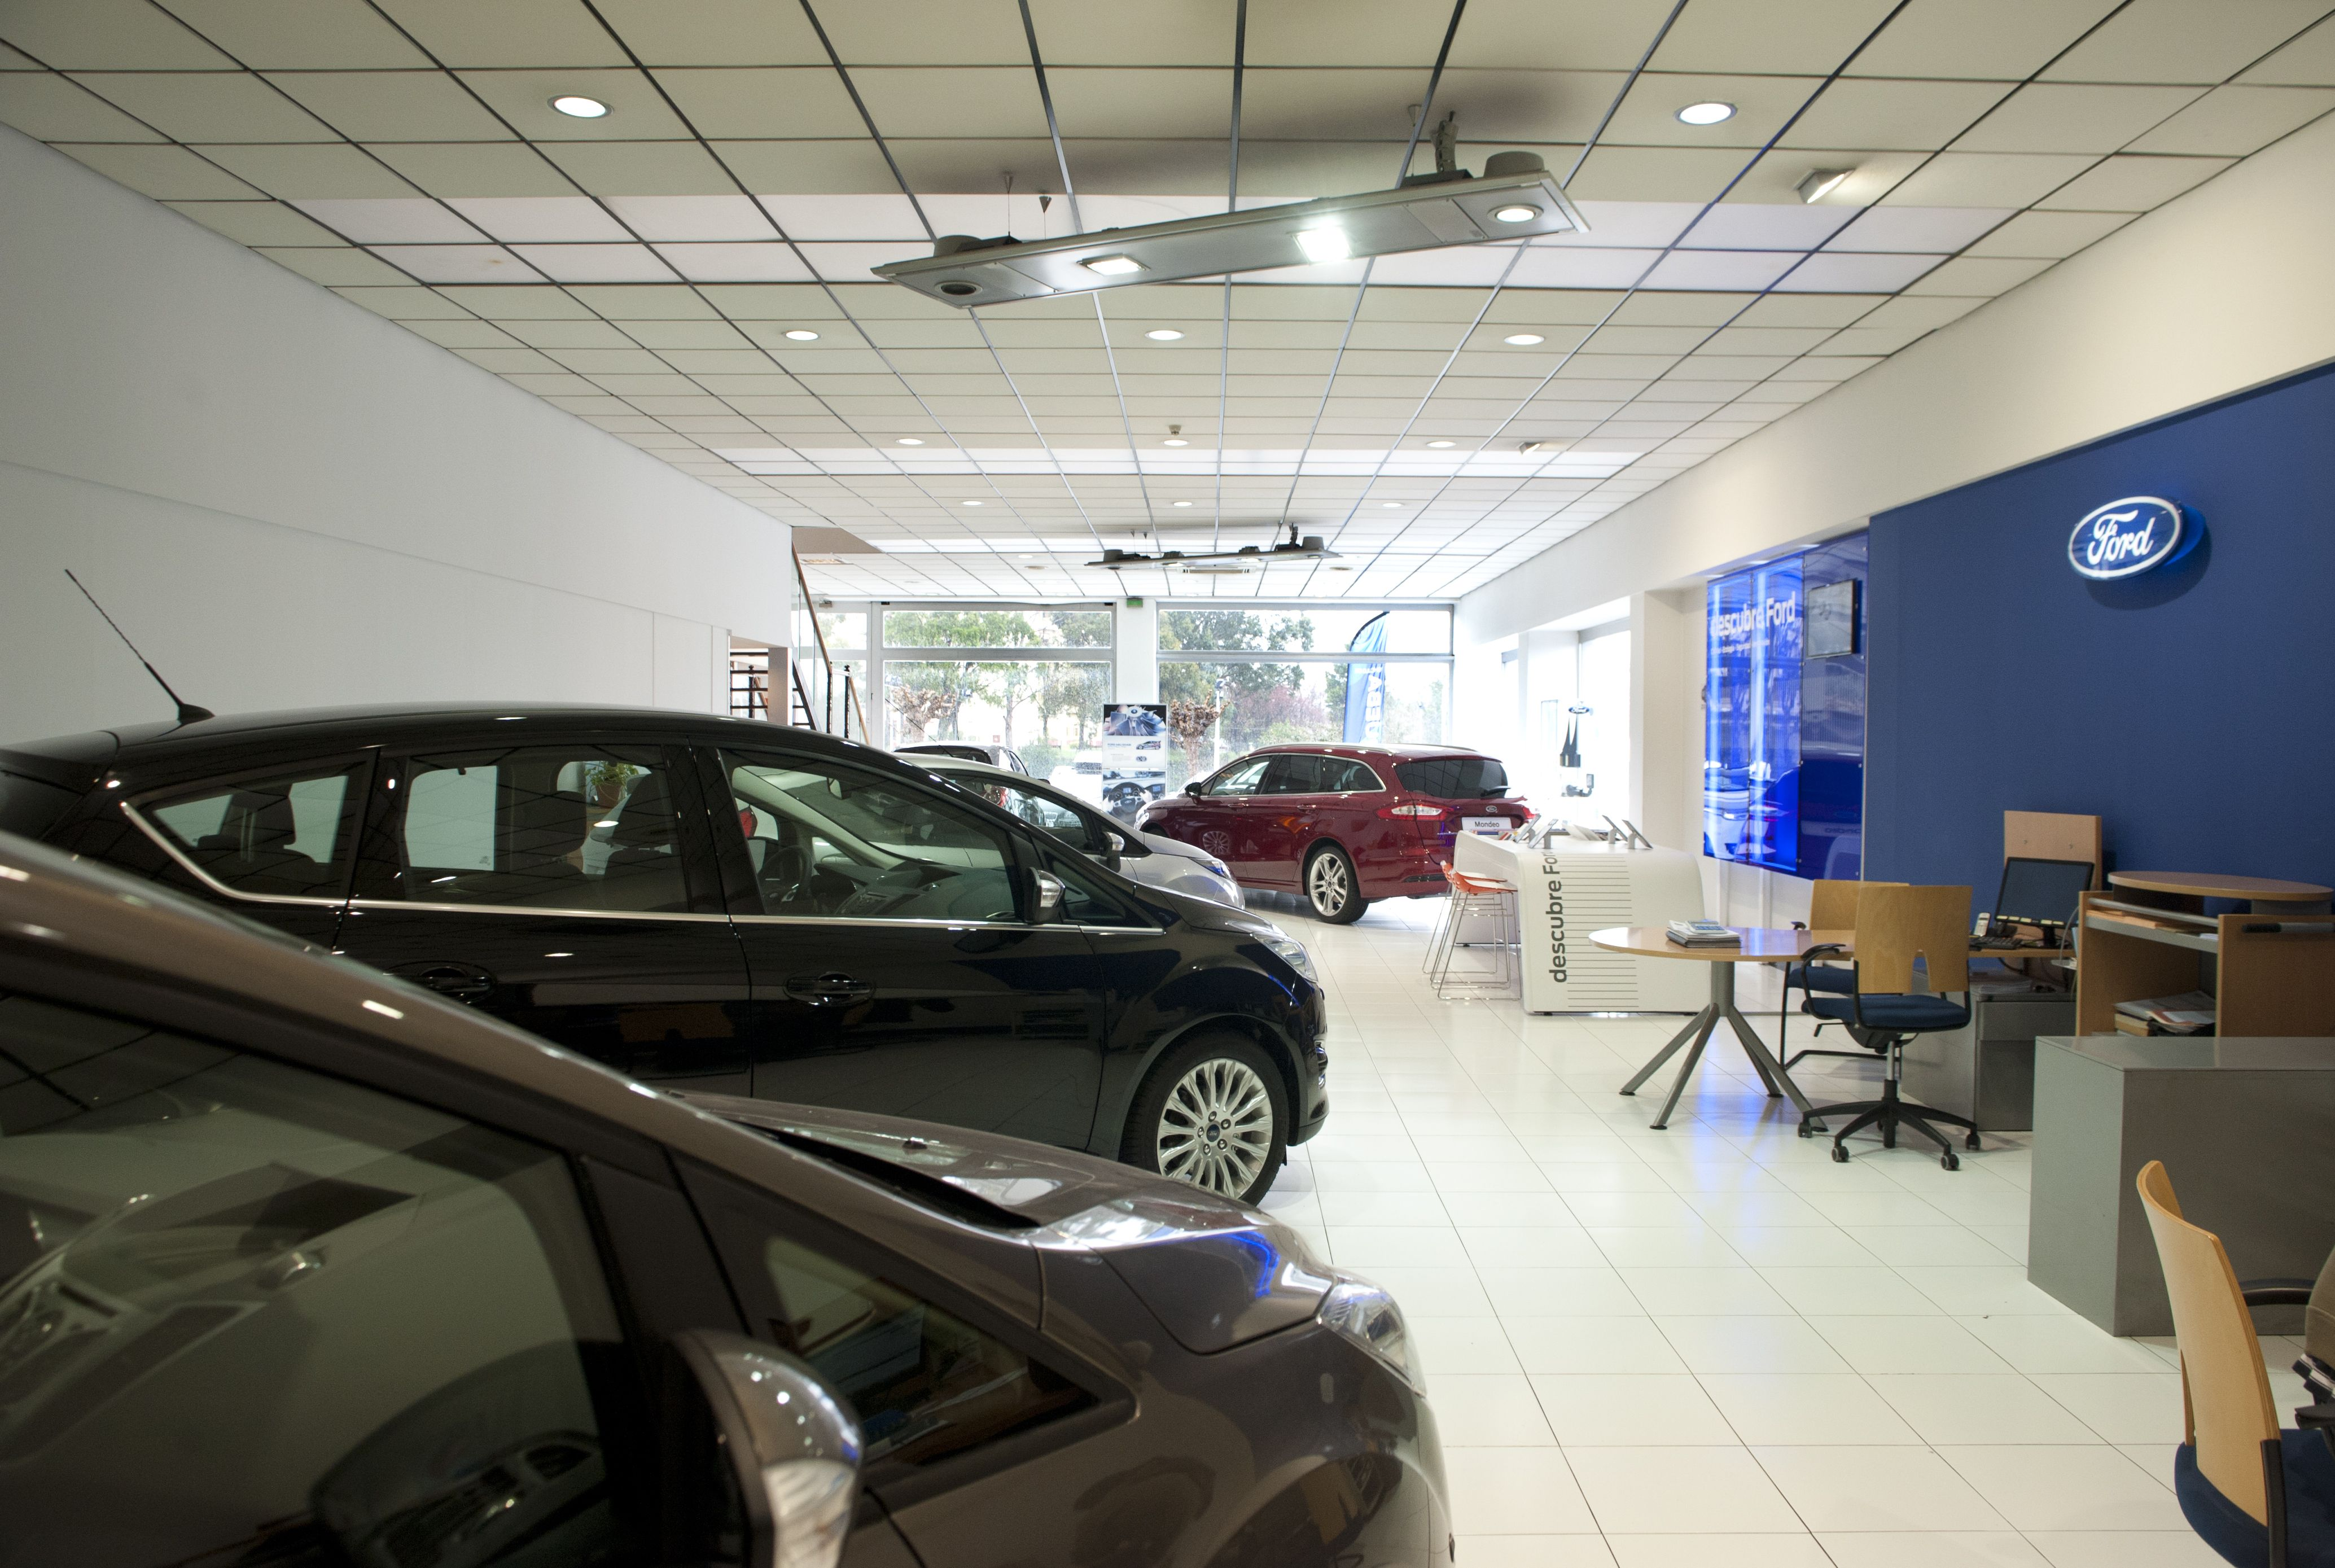 Foto 4 de Concesionarios y agentes de automóviles en Leioa | Ford Mintegui